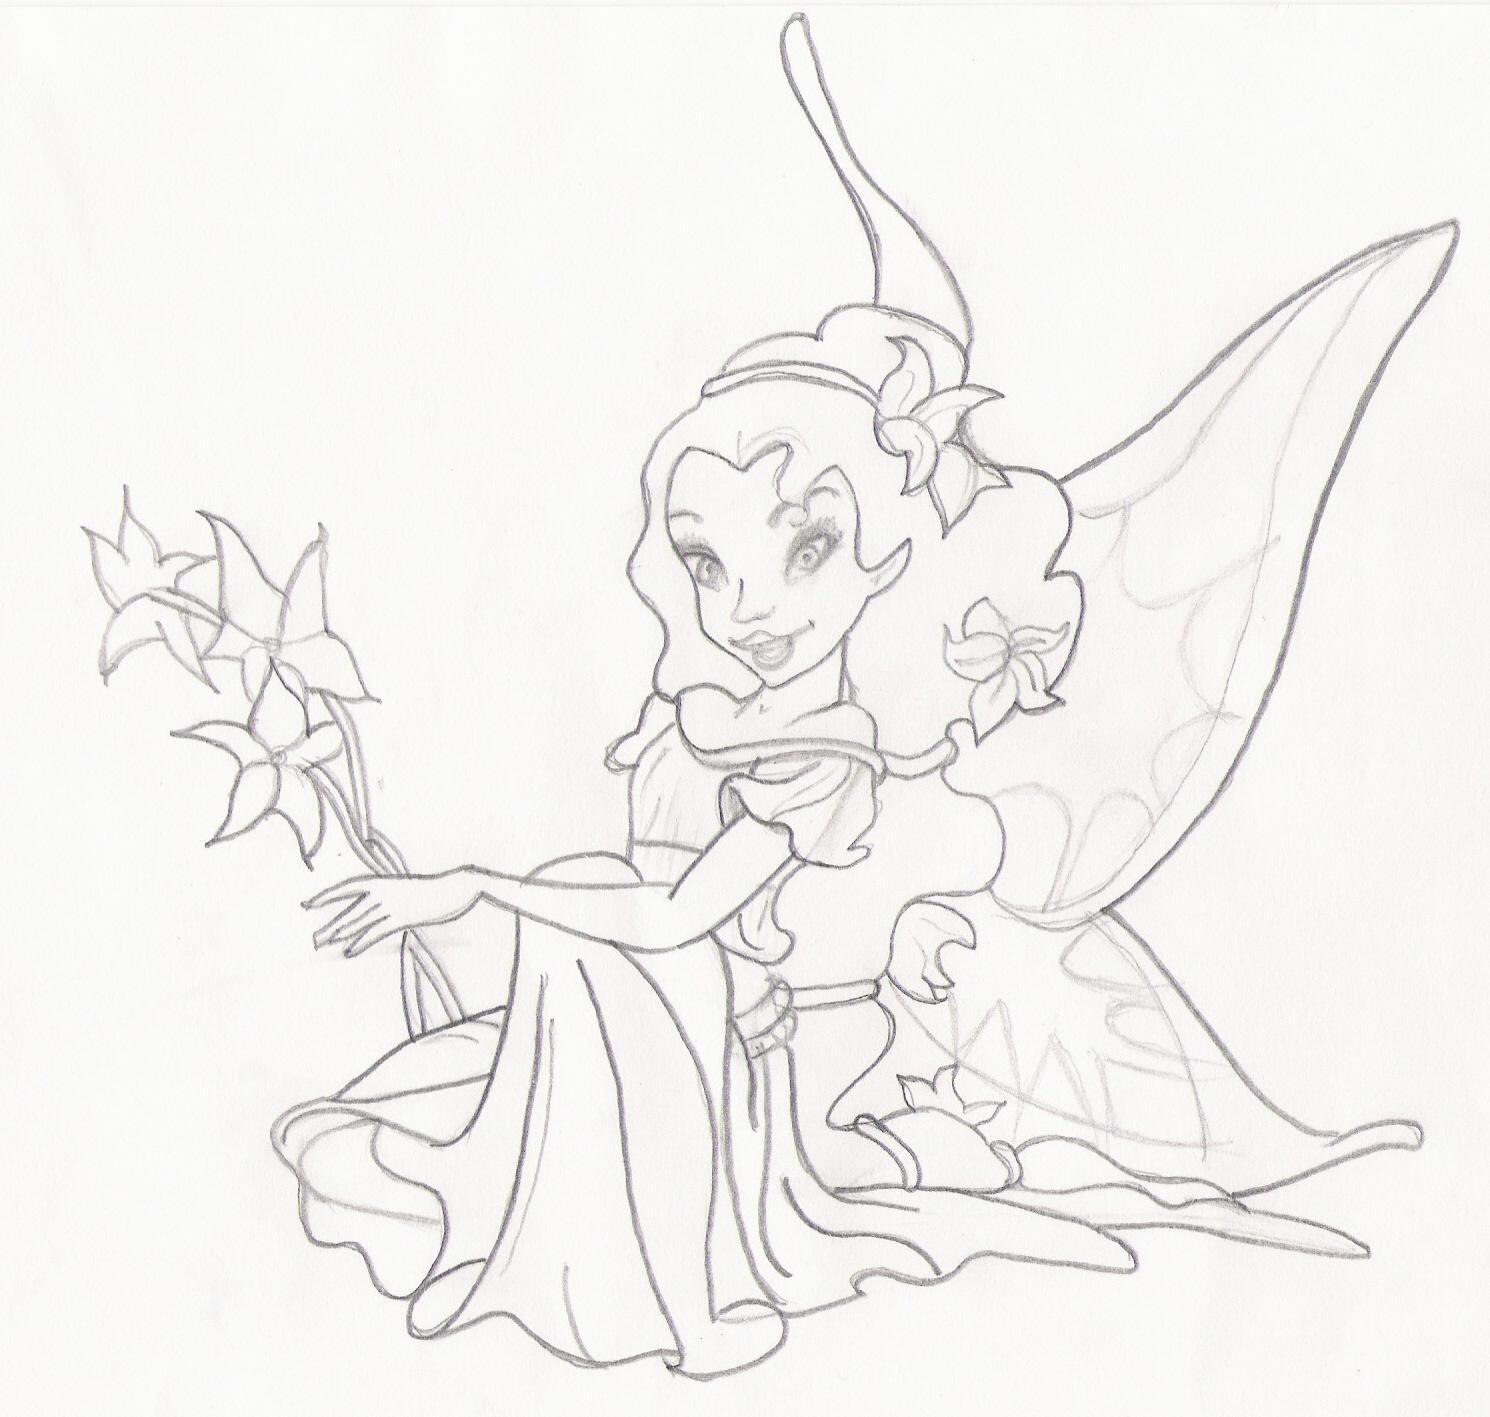 Disney fairies fira by spongeeeee on deviantart disney fairies fira by spongeeeee disney fairies fira by spongeeeee altavistaventures Gallery